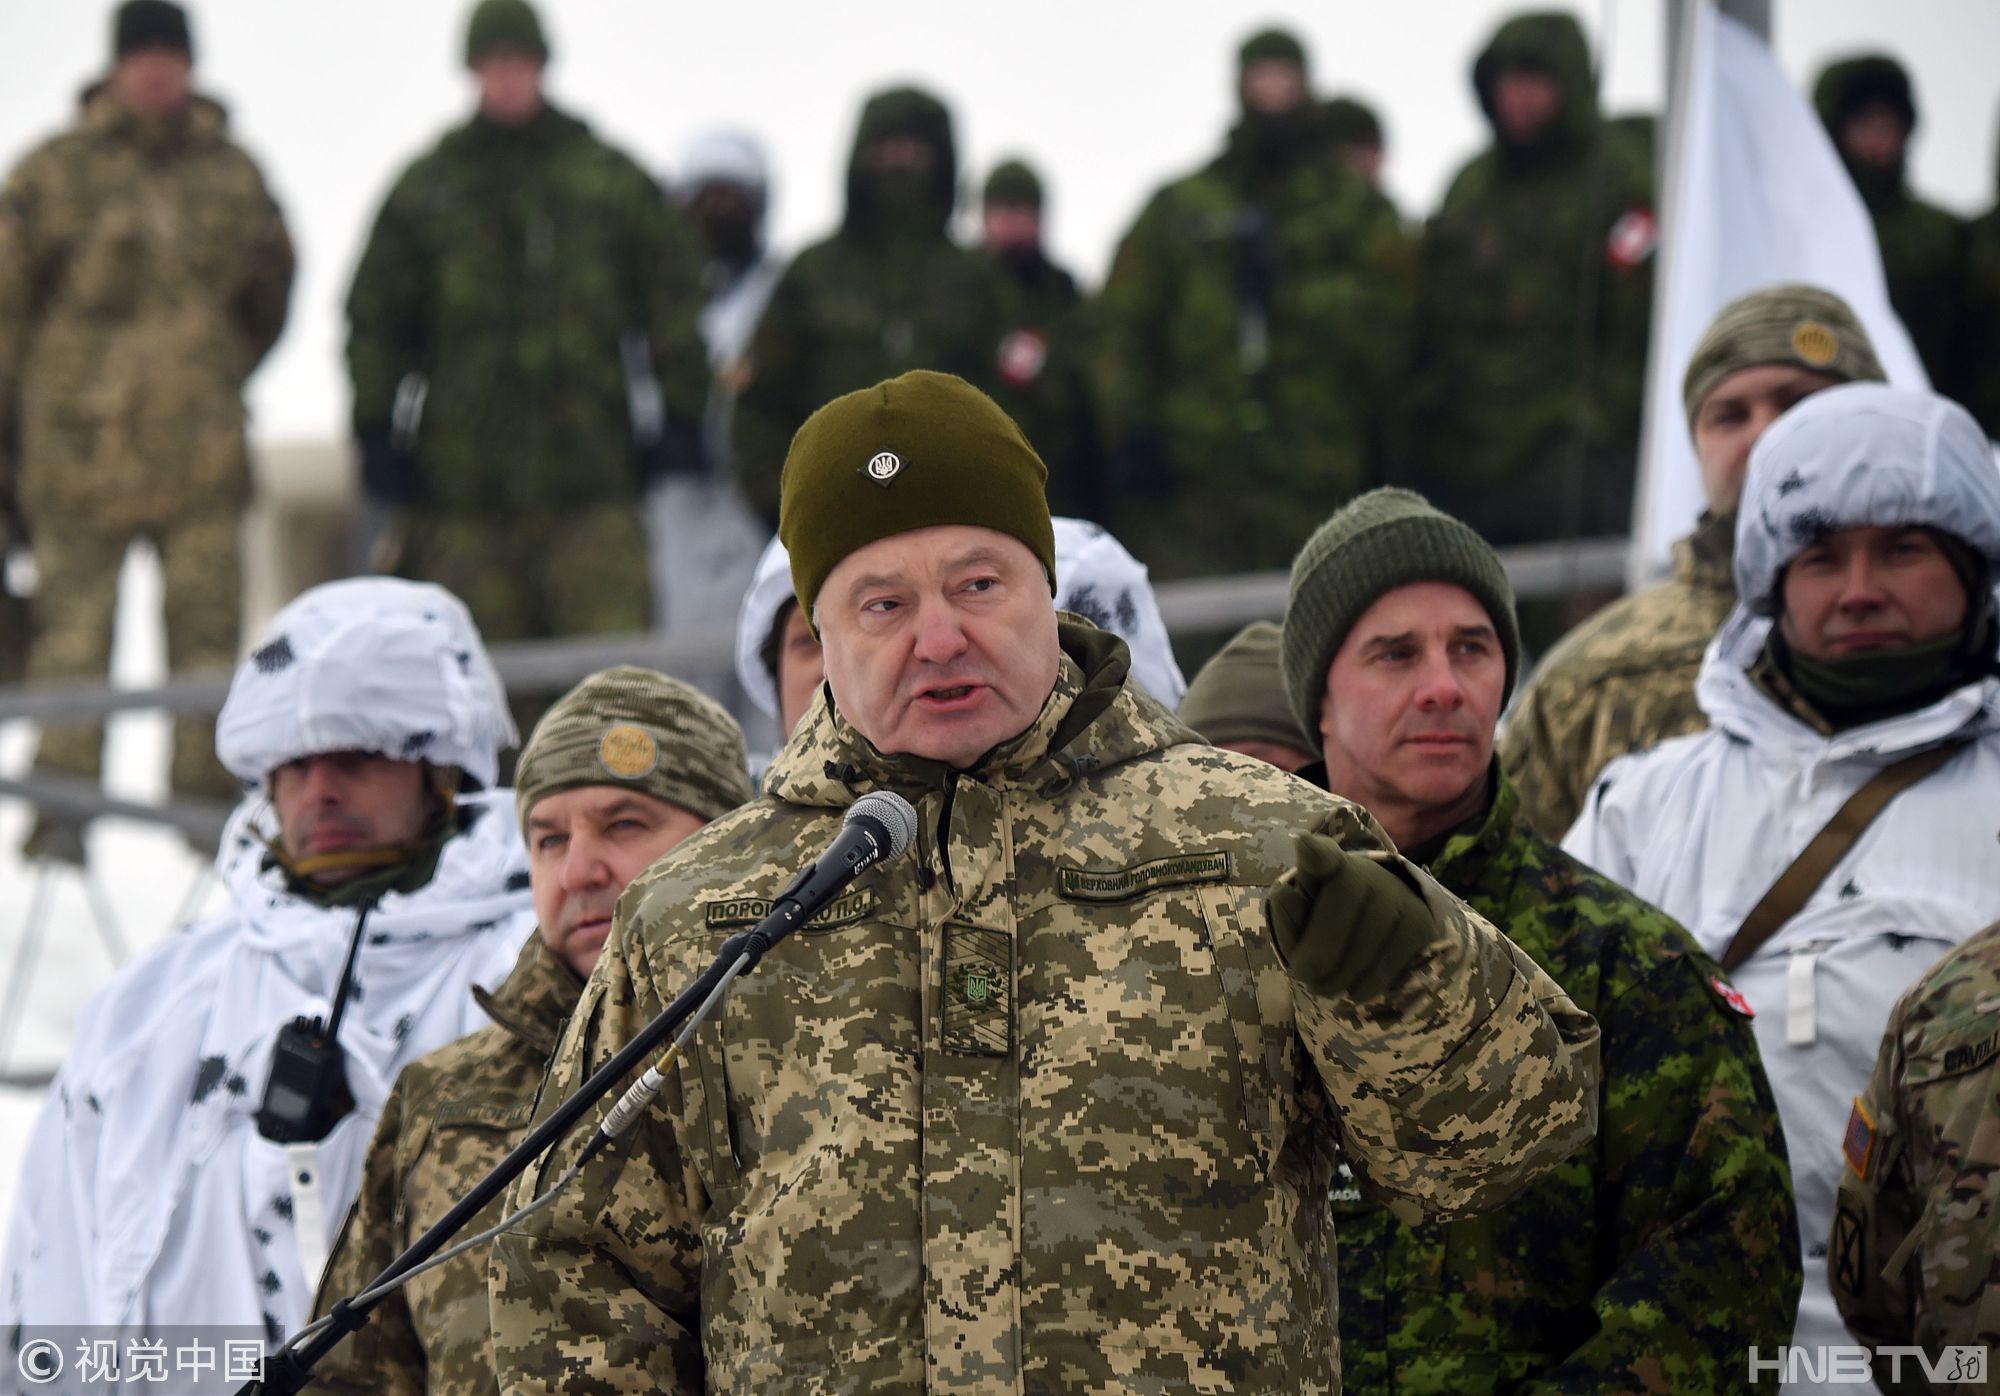 乌克兰总统波罗申科出席军事演习